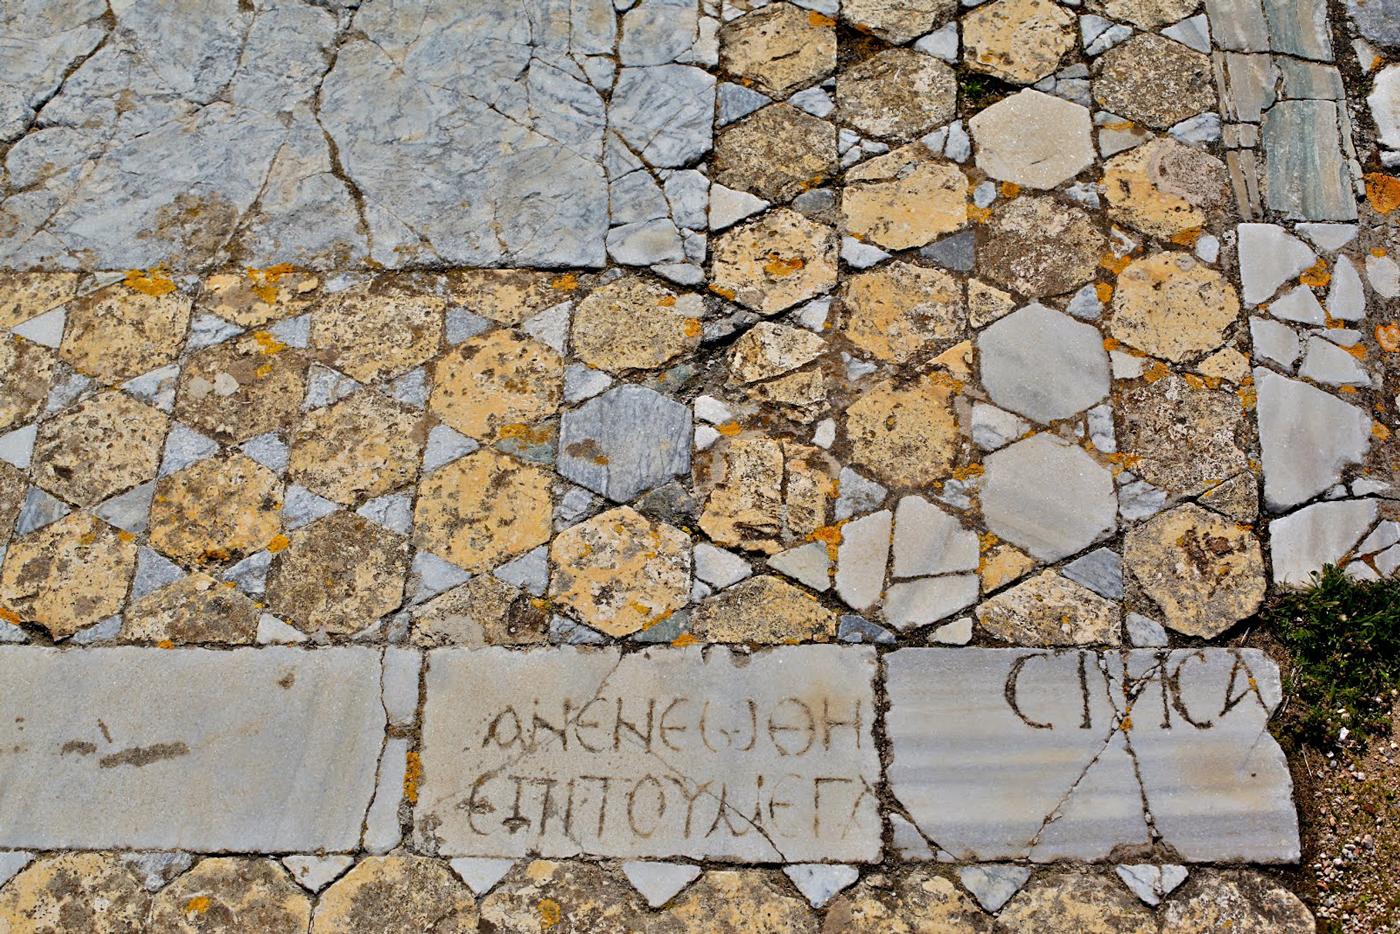 salamis harabeleri kibris 1 Kıbrıs Salamis Harabeleri